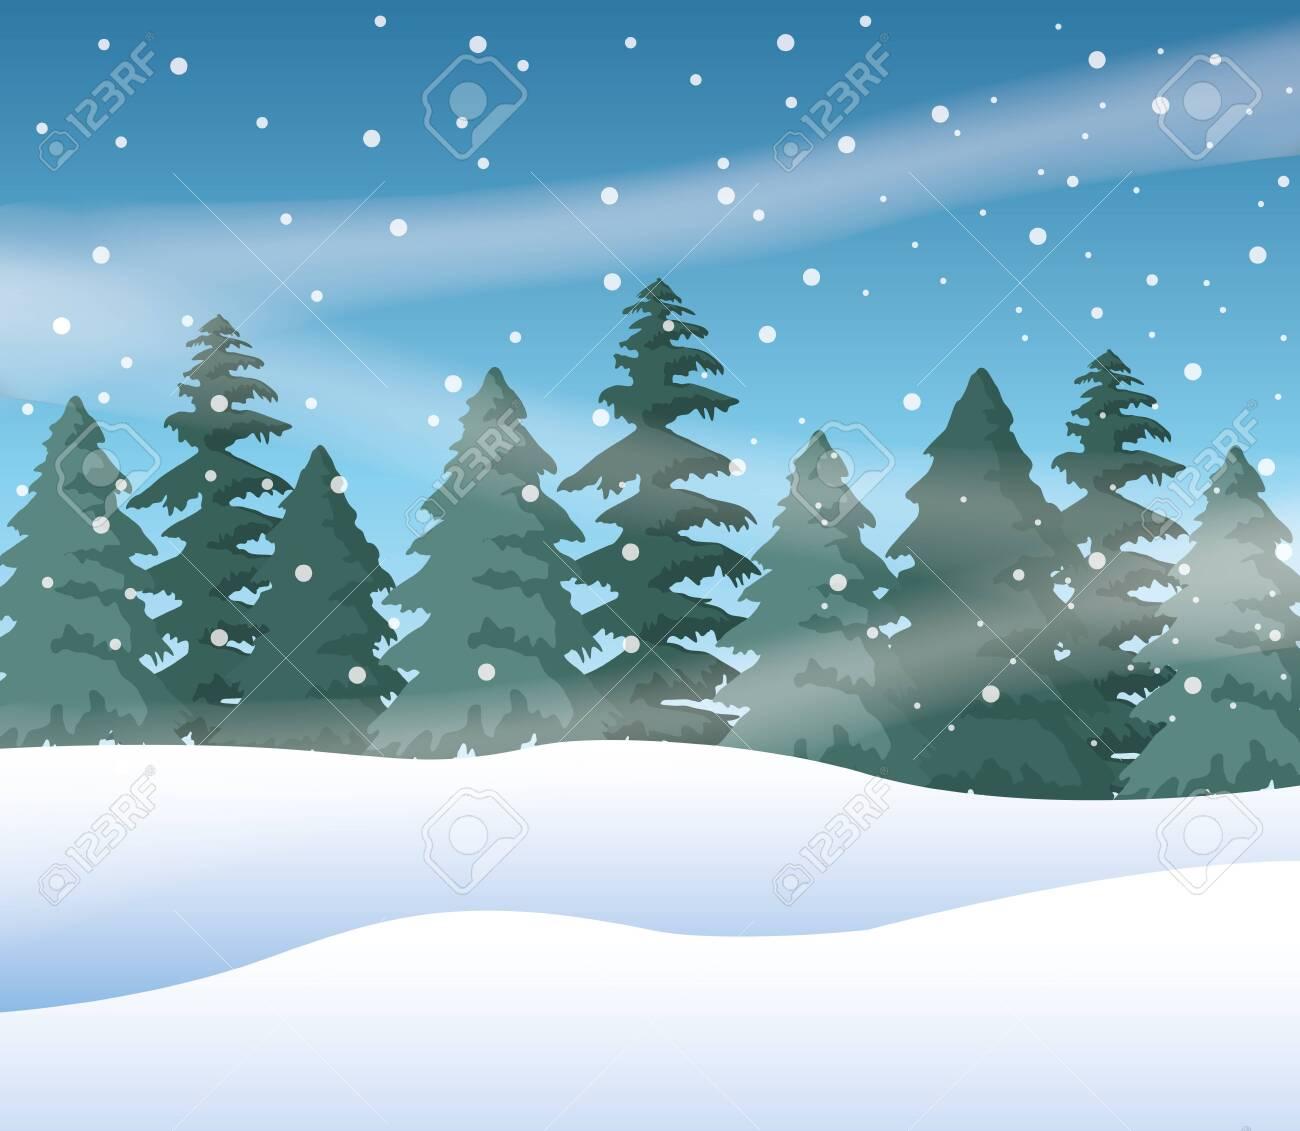 forest snowscape scene nature icon vector illustration design - 134097529